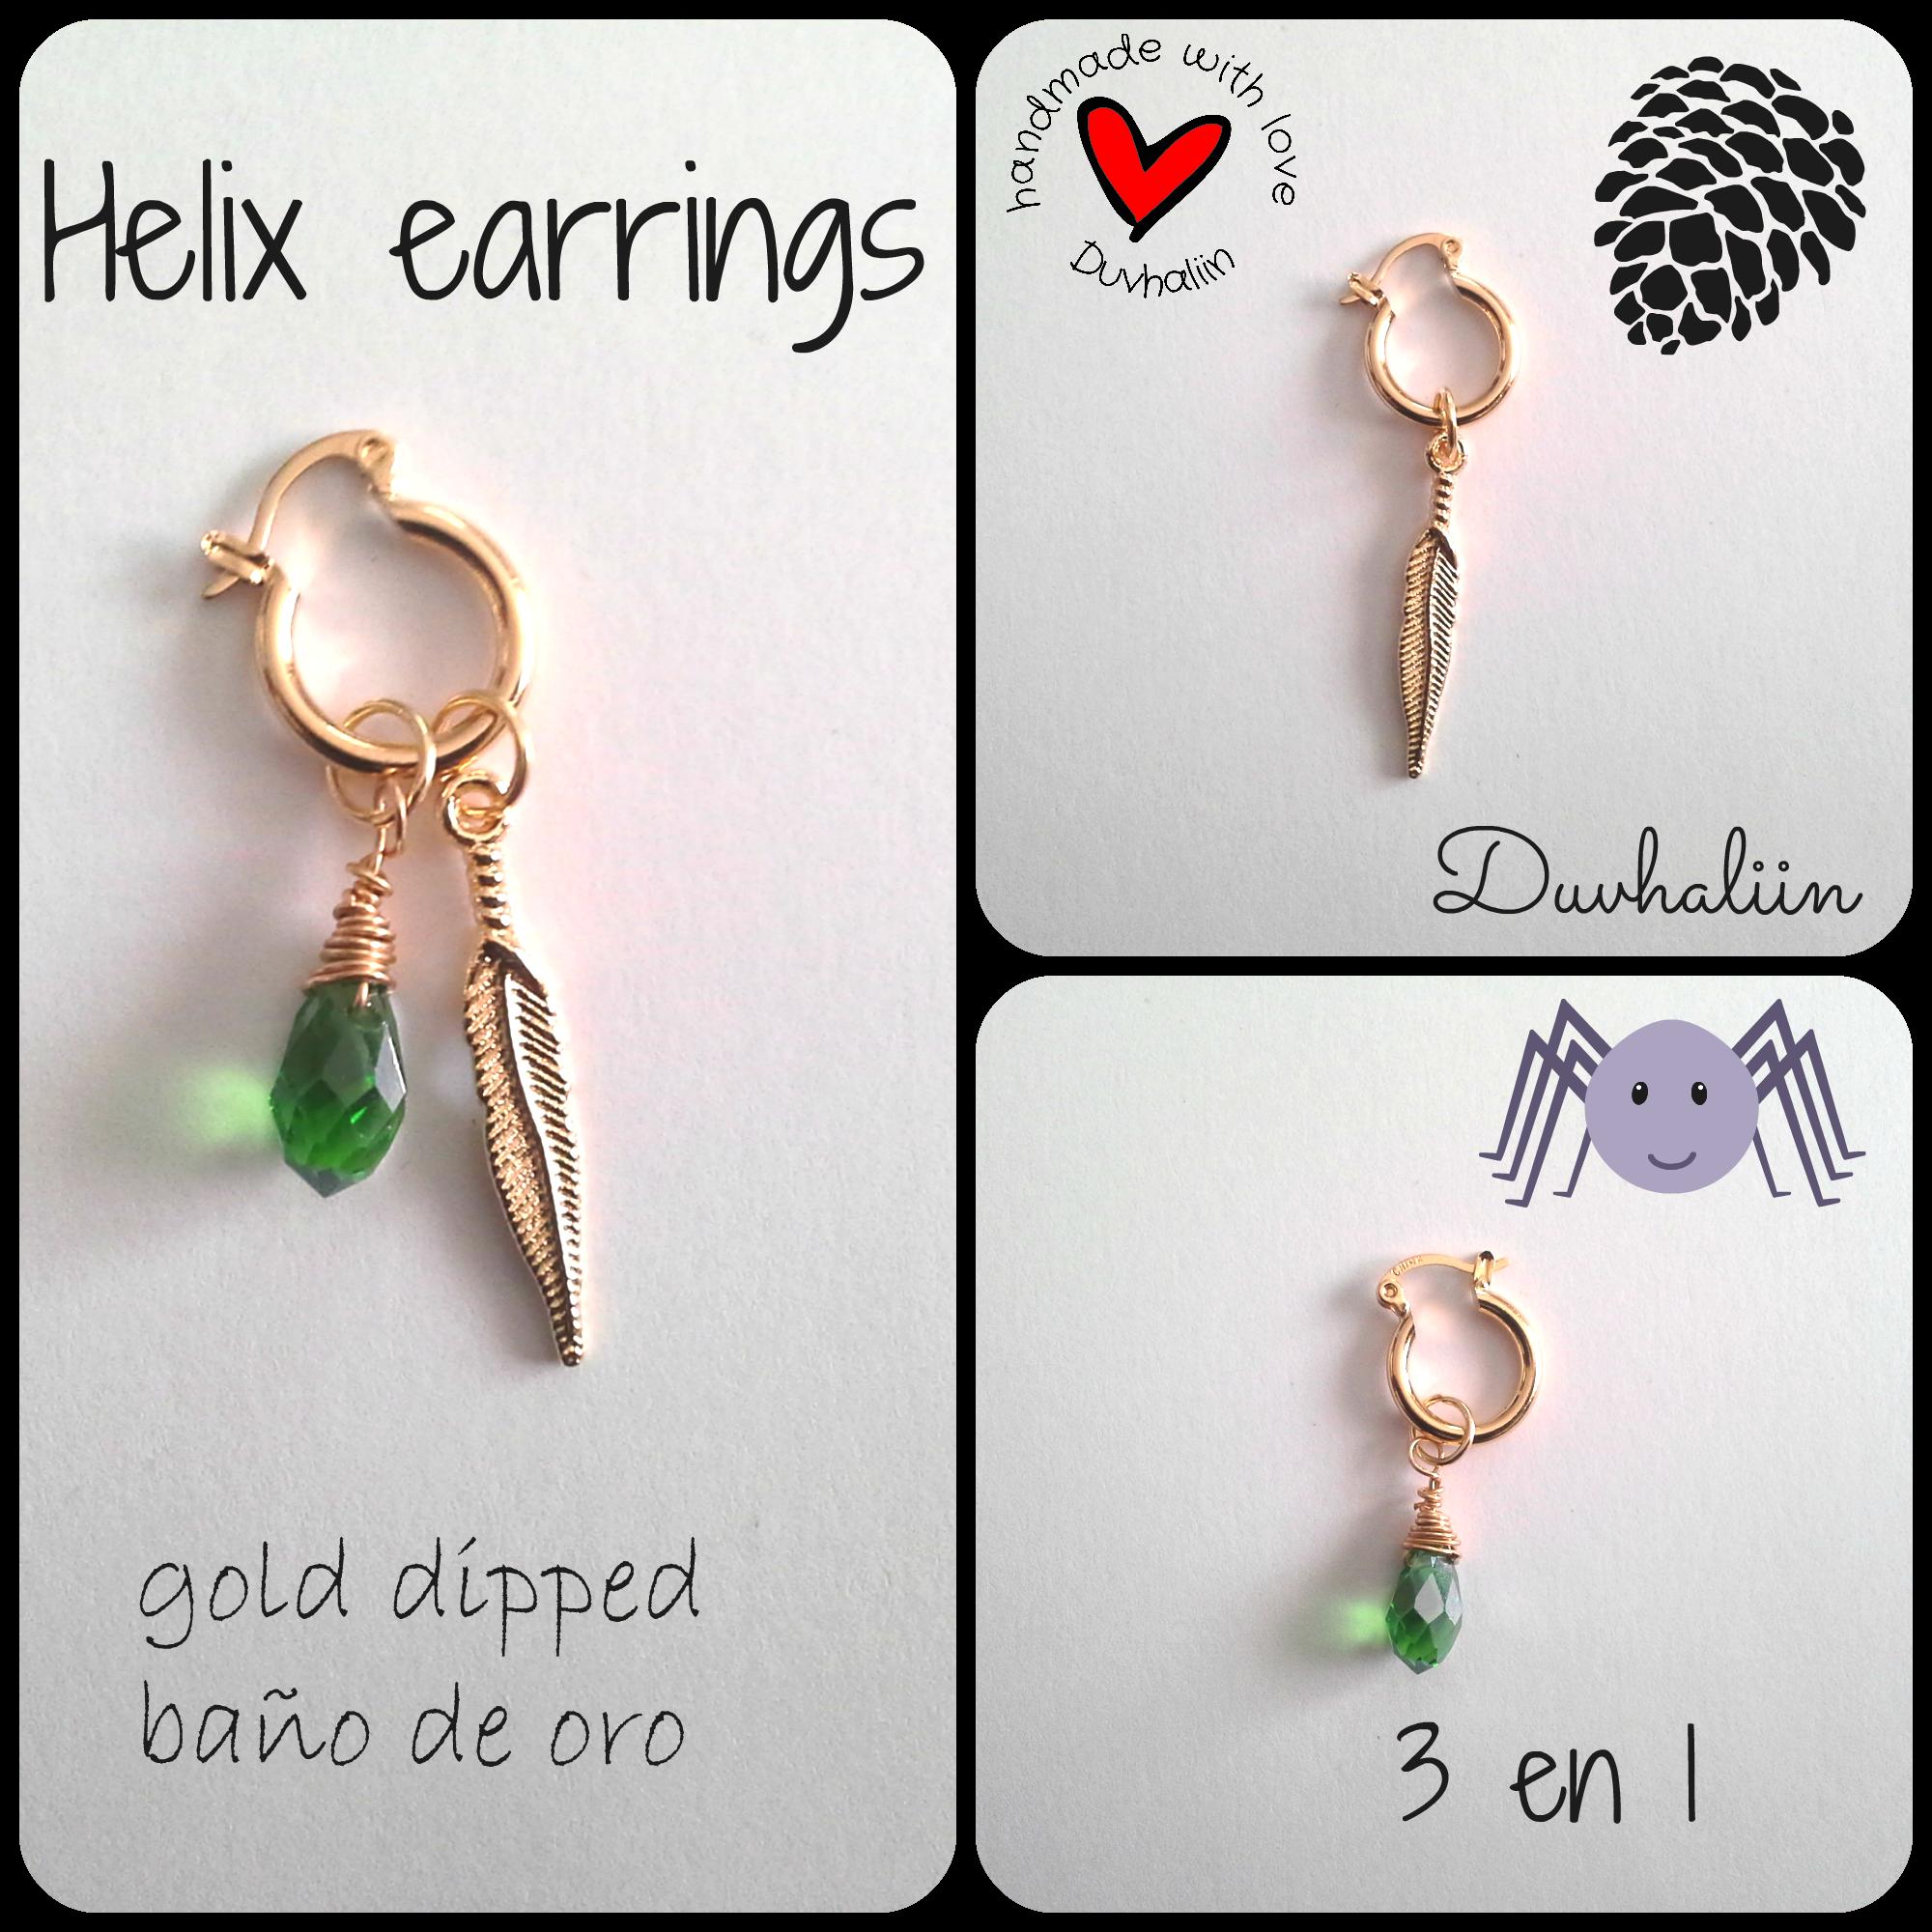 Helix earring 3 en 1 arete para perforaci n de cart lago for Accesorios bano cristal